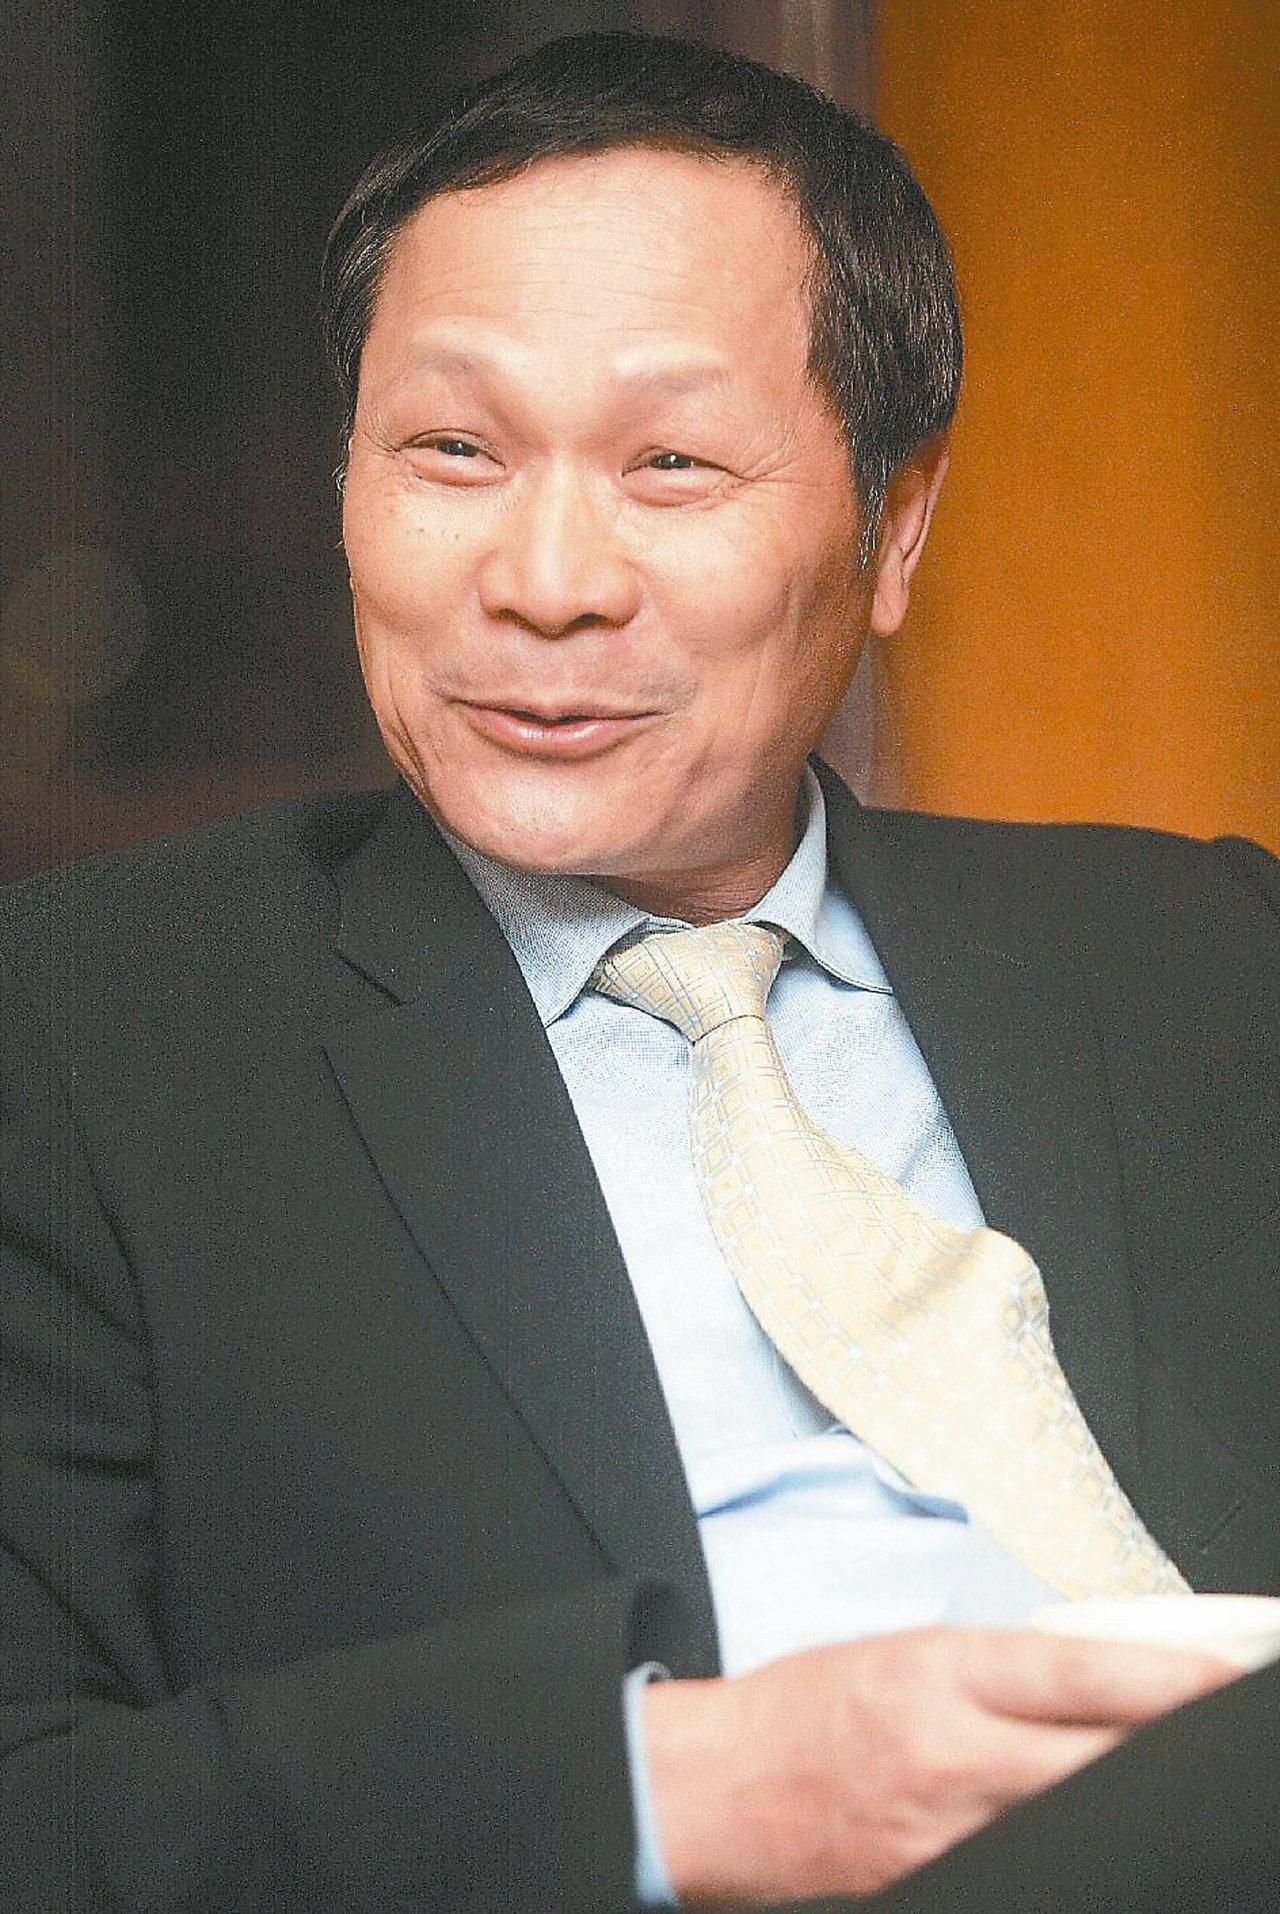 華固建設董事長鍾榮昌。 (本報系資料庫)